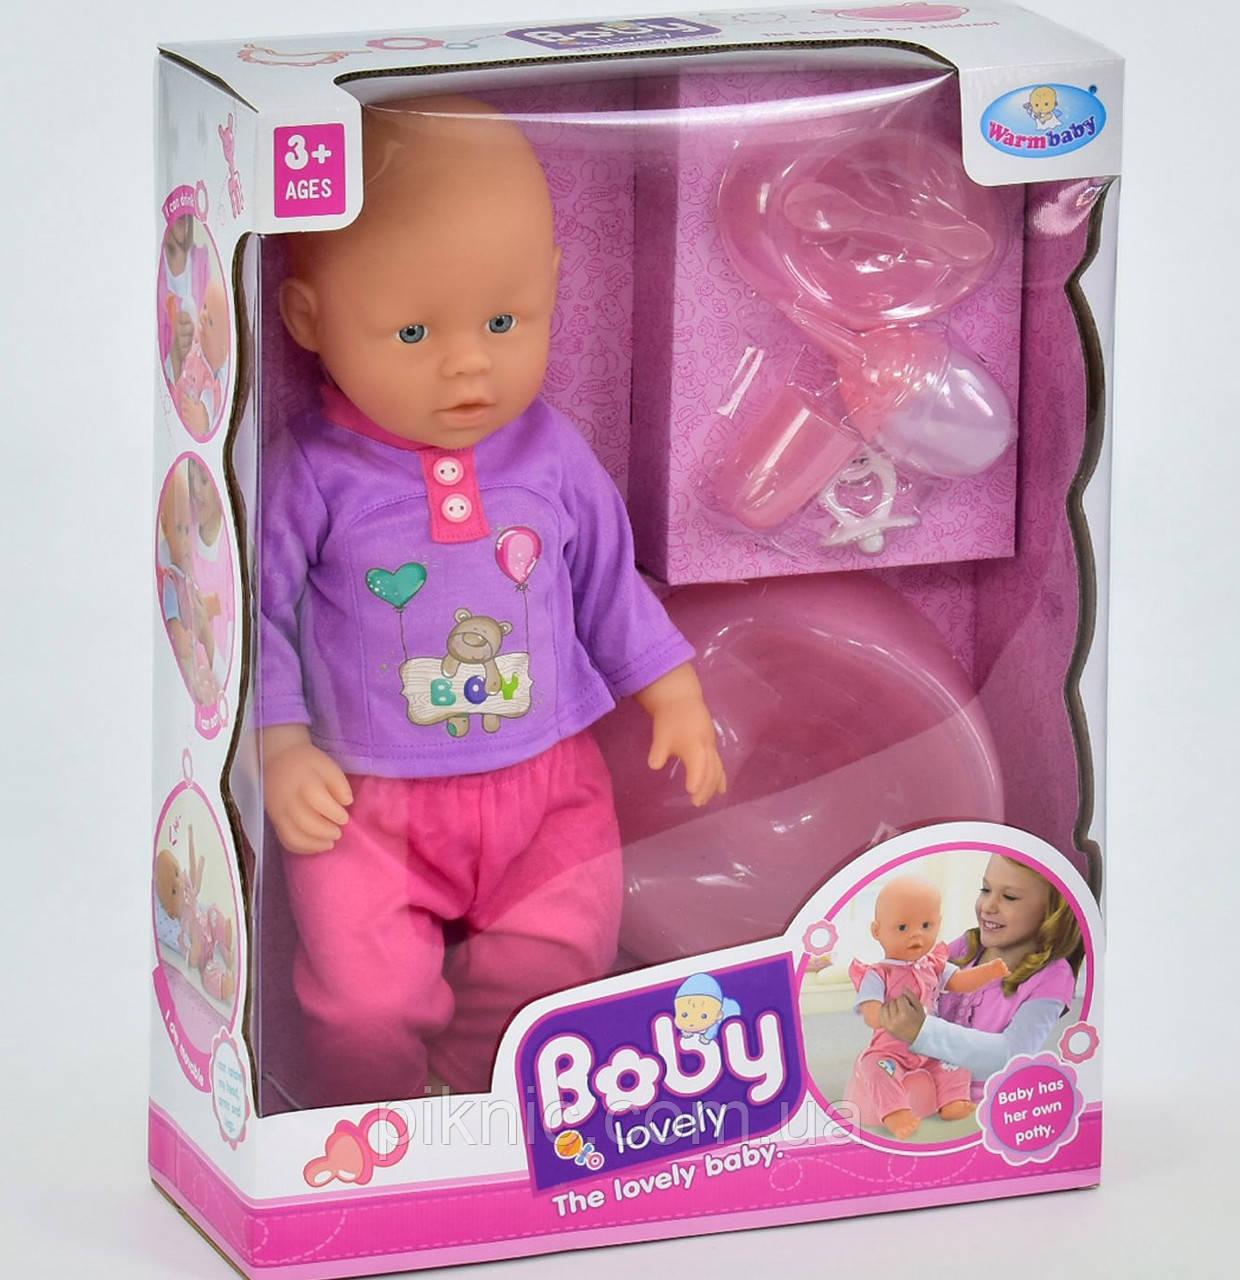 Пупс функциональный для девочки с аксессуарами. Пупсик интерактивный, кукла, куколка, игрушка для девочек